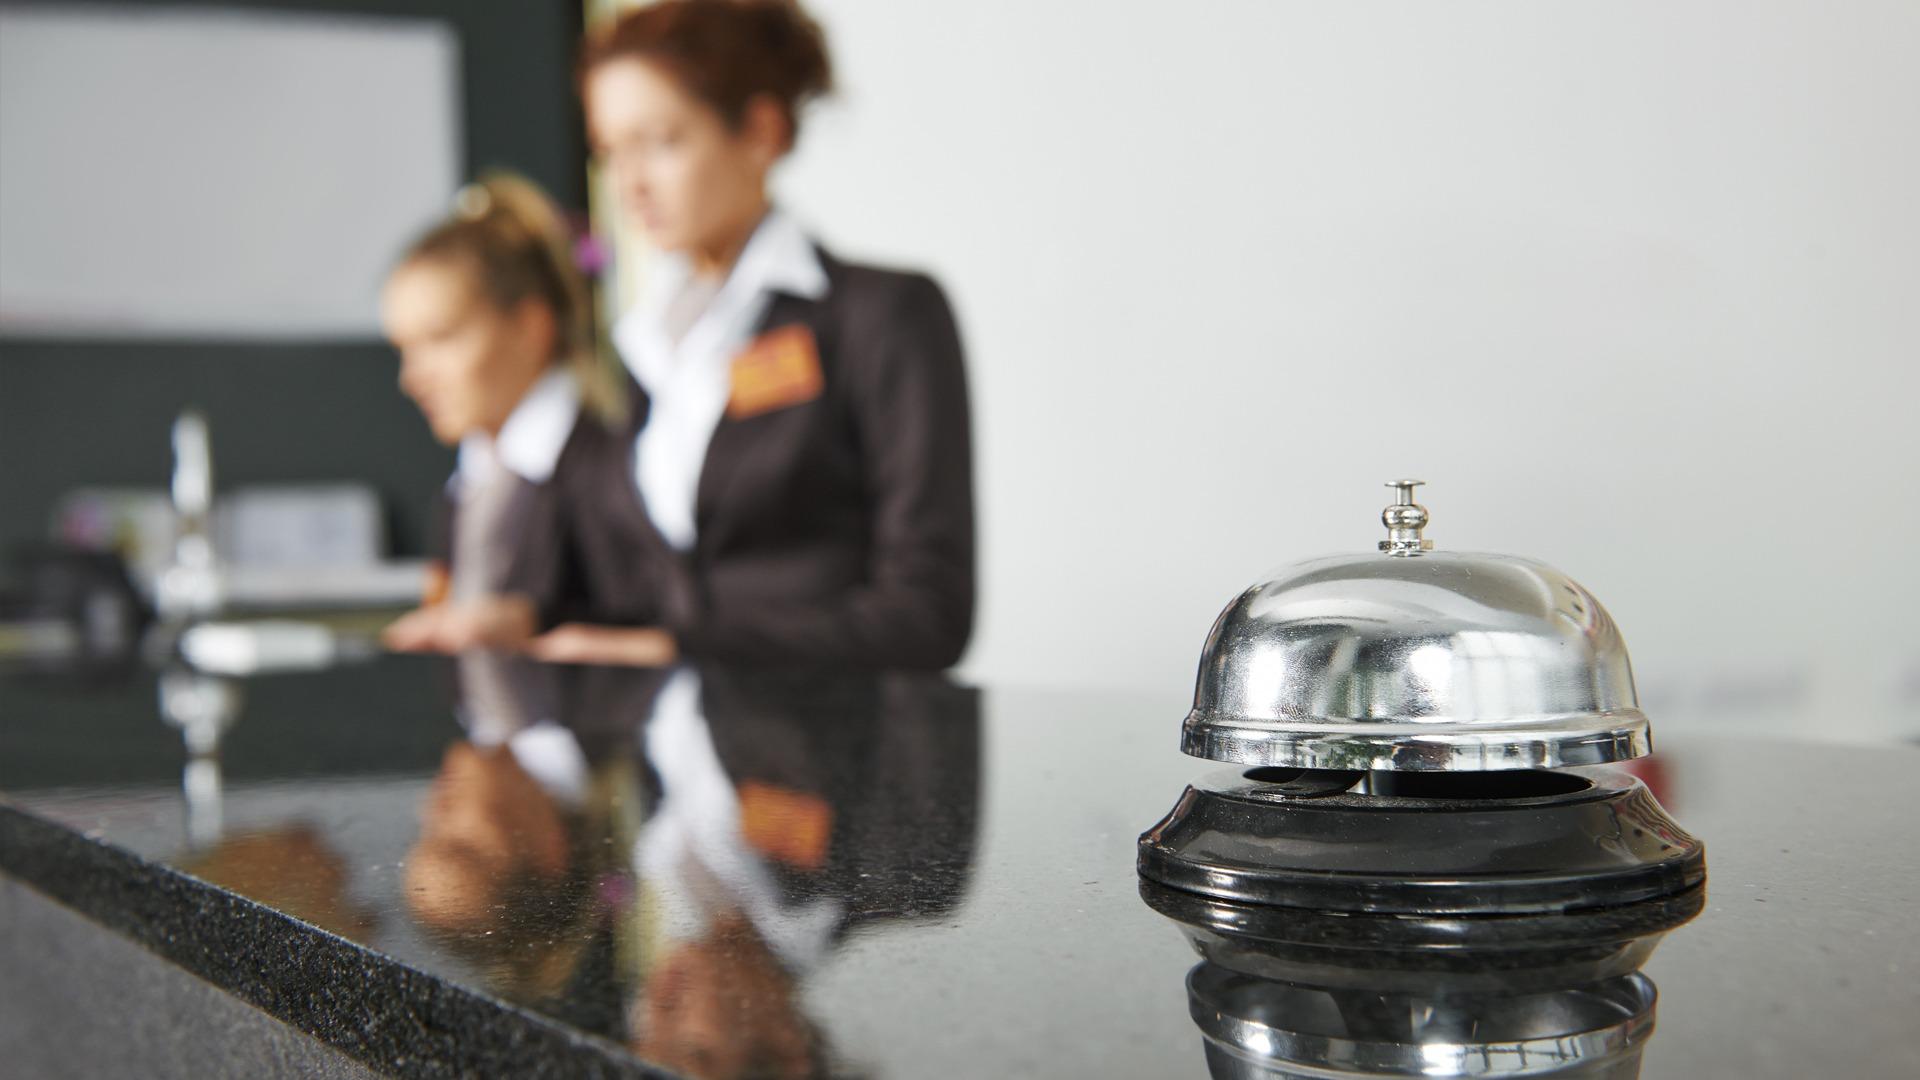 دیزل ژنراتور در هتل